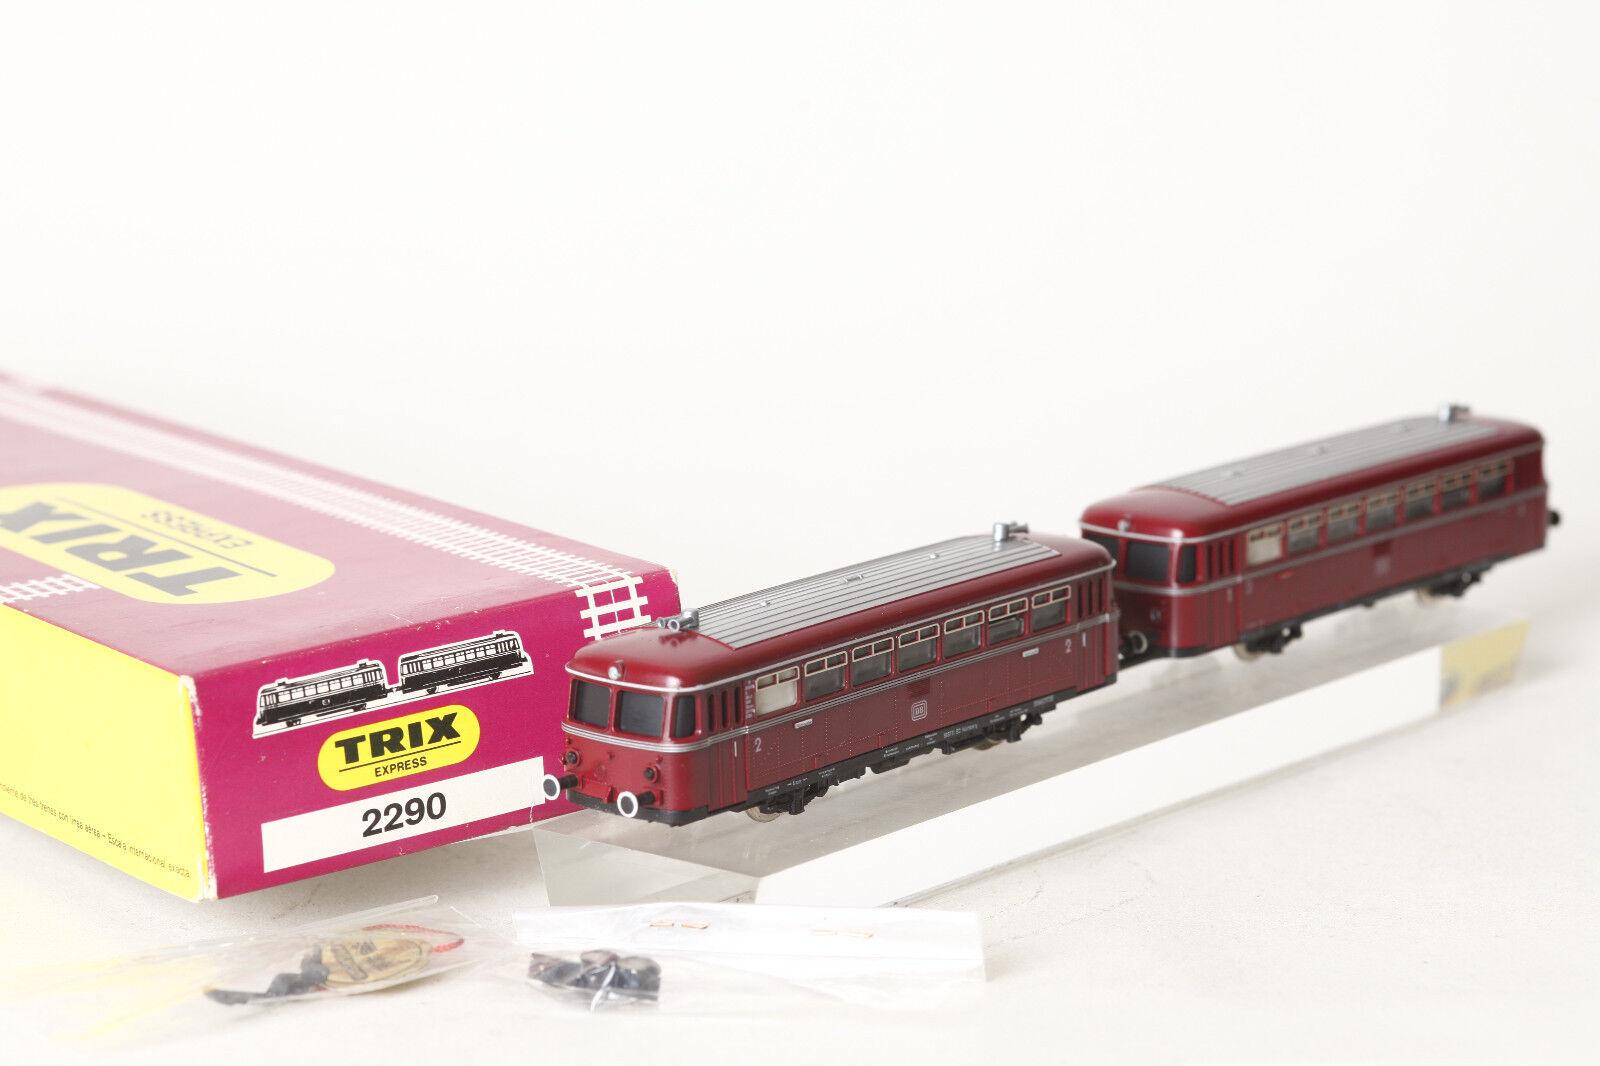 Trix Express H0 Corriente Continua 2290 Ferrobús Rojo con Sidecar (0036-60)